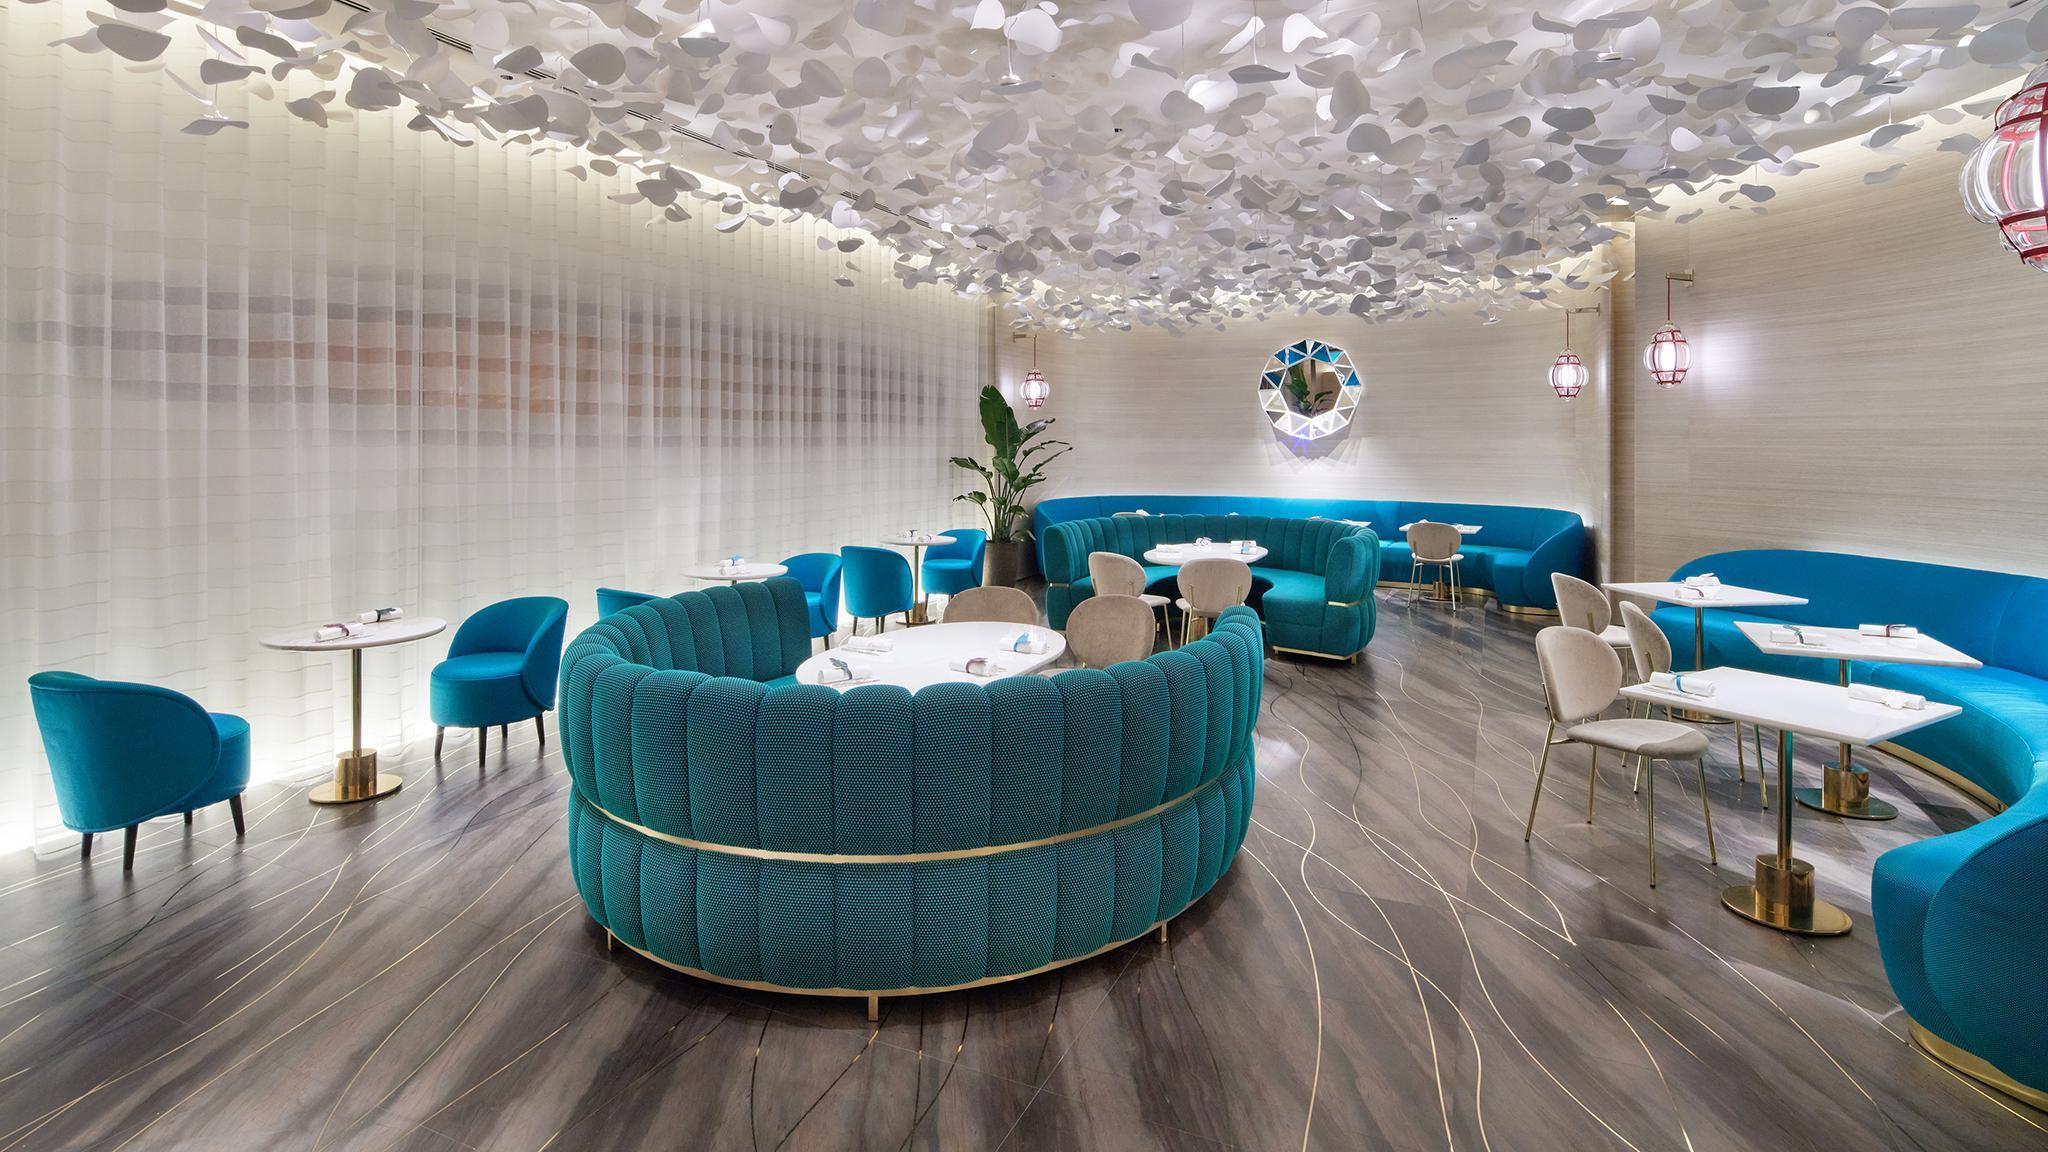 De Gucci a Louis Vuitton, marcas de moda que han abierto restaurantes para fashionistas